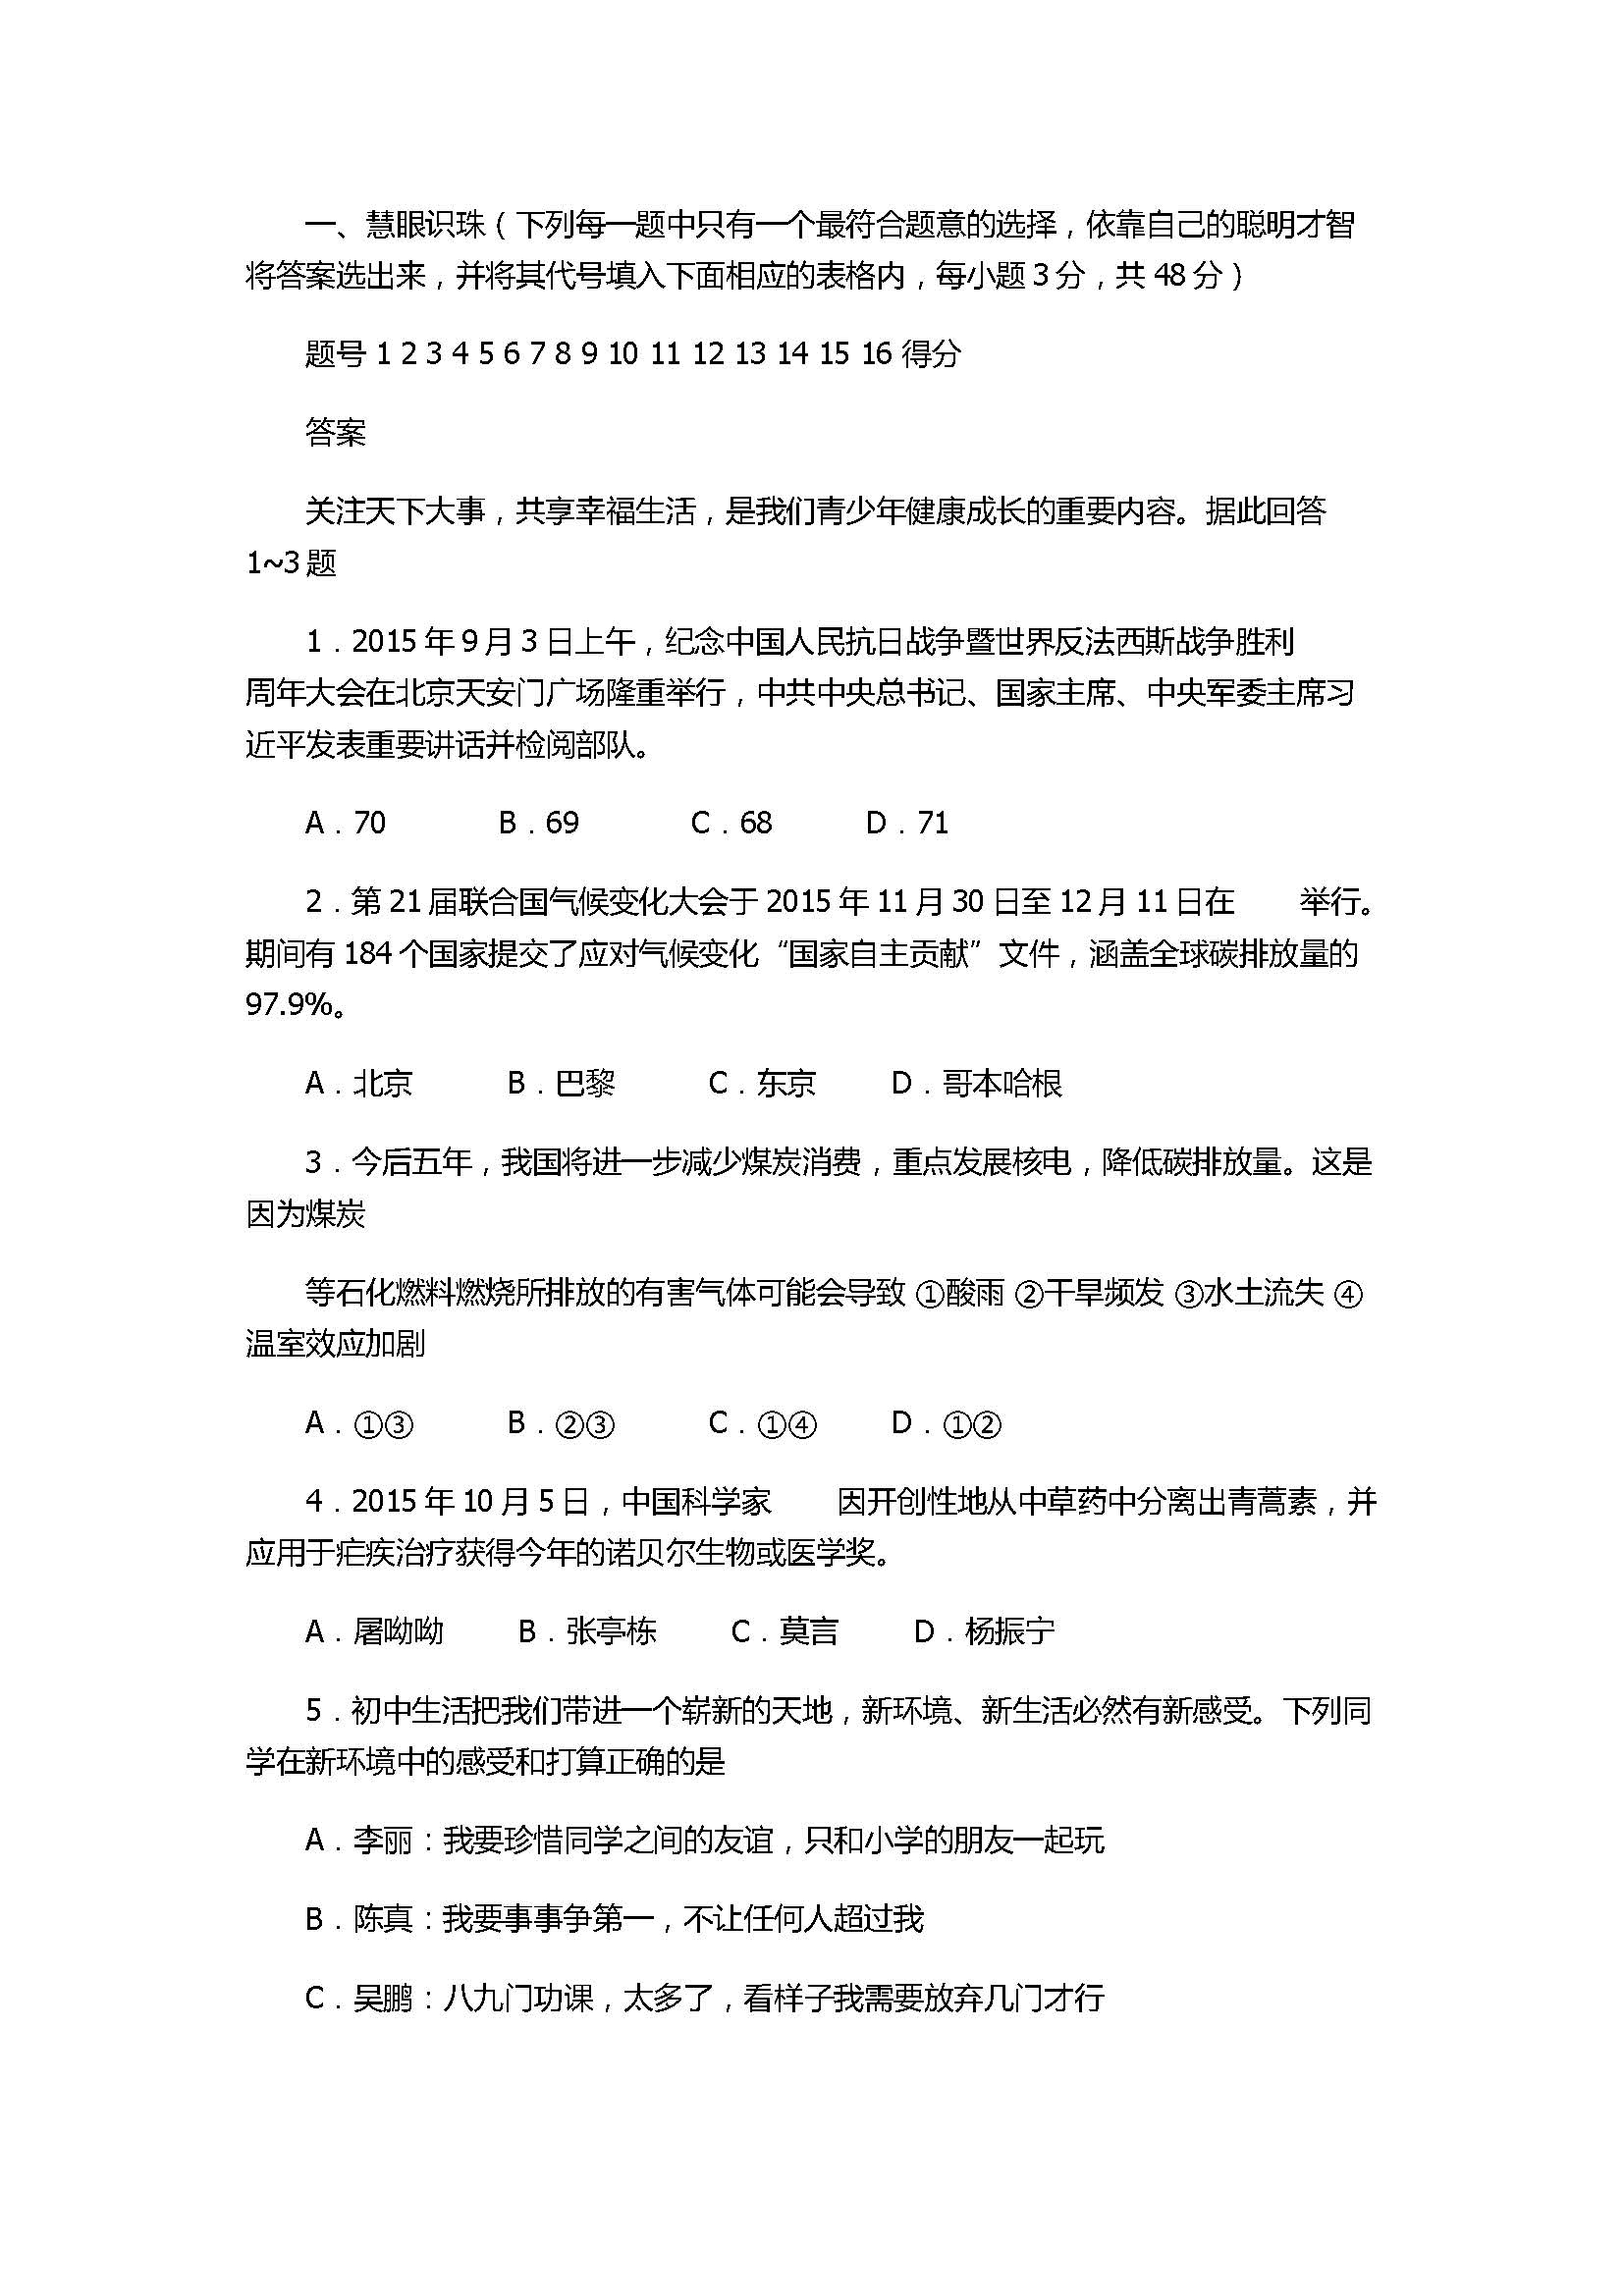 2017七年级思想品德期末试卷含参考答案(湘潭市)